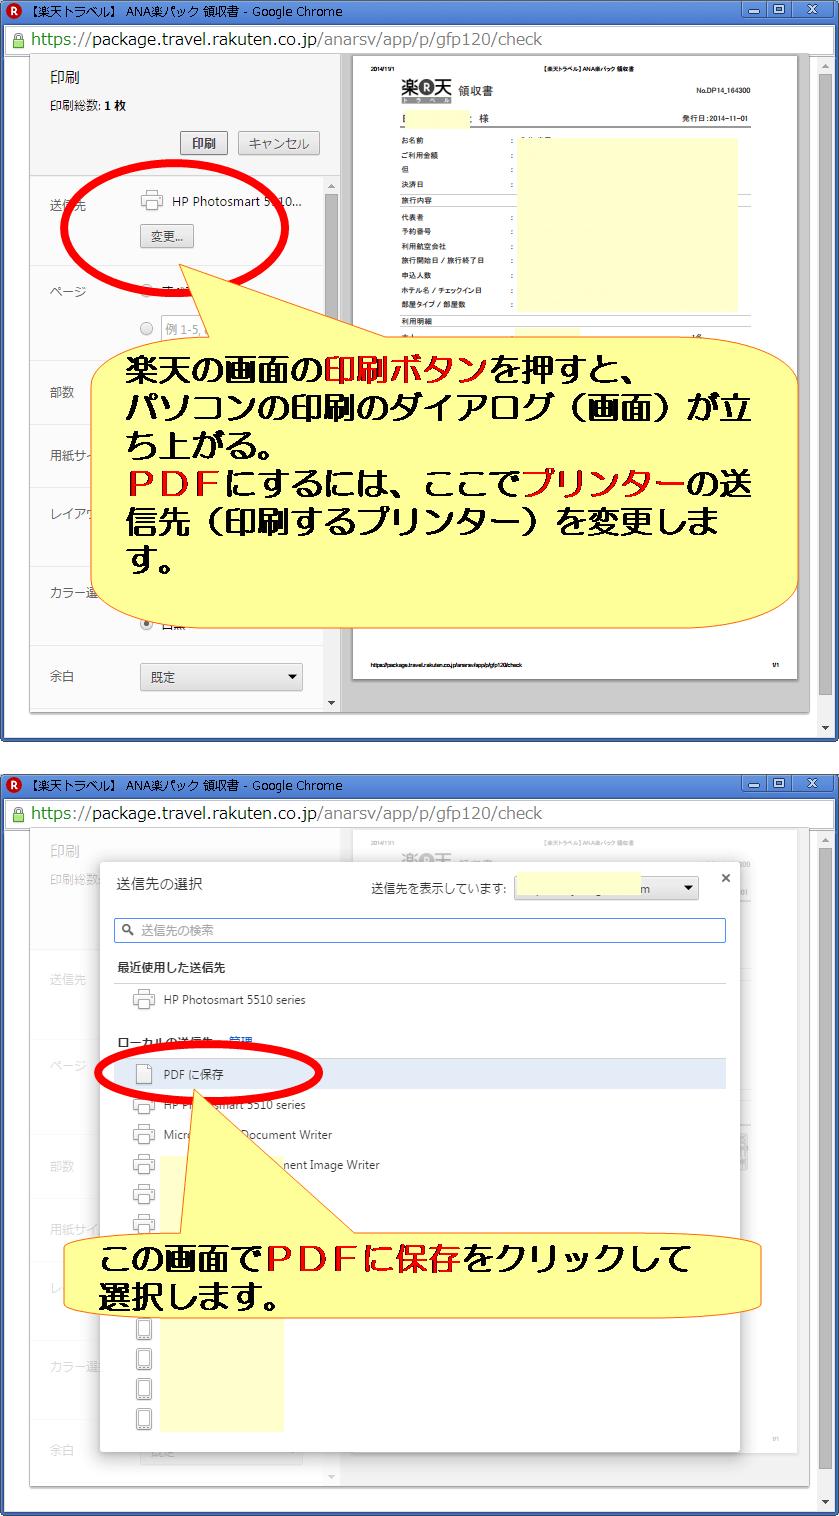 楽天トラベル領収書発行pdf1